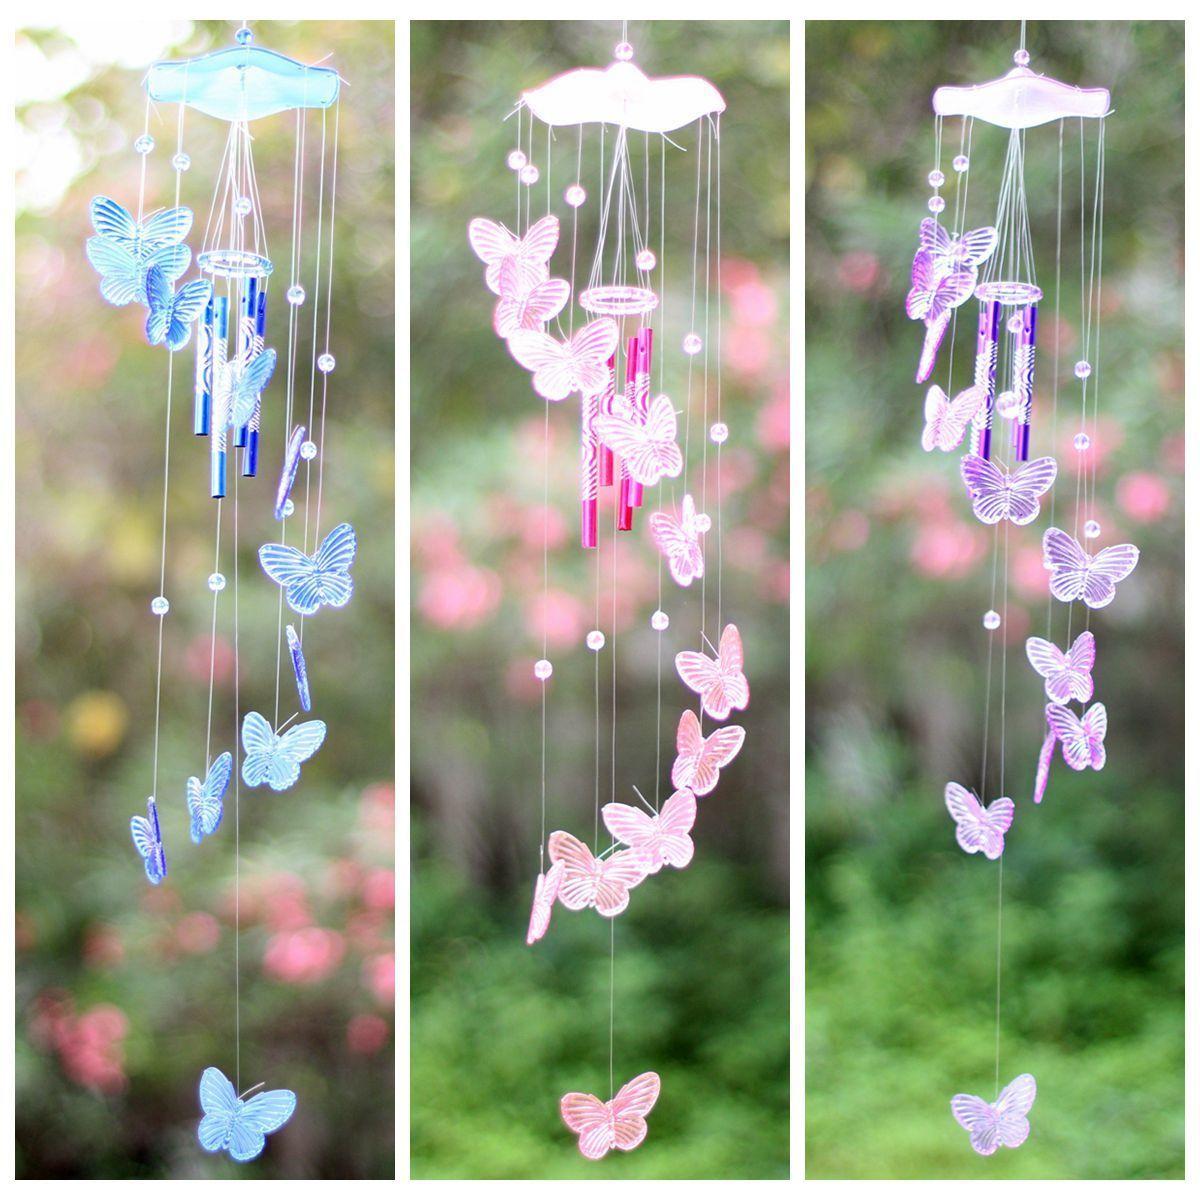 Garden Wind Chimes Ornaments - Garden Designs